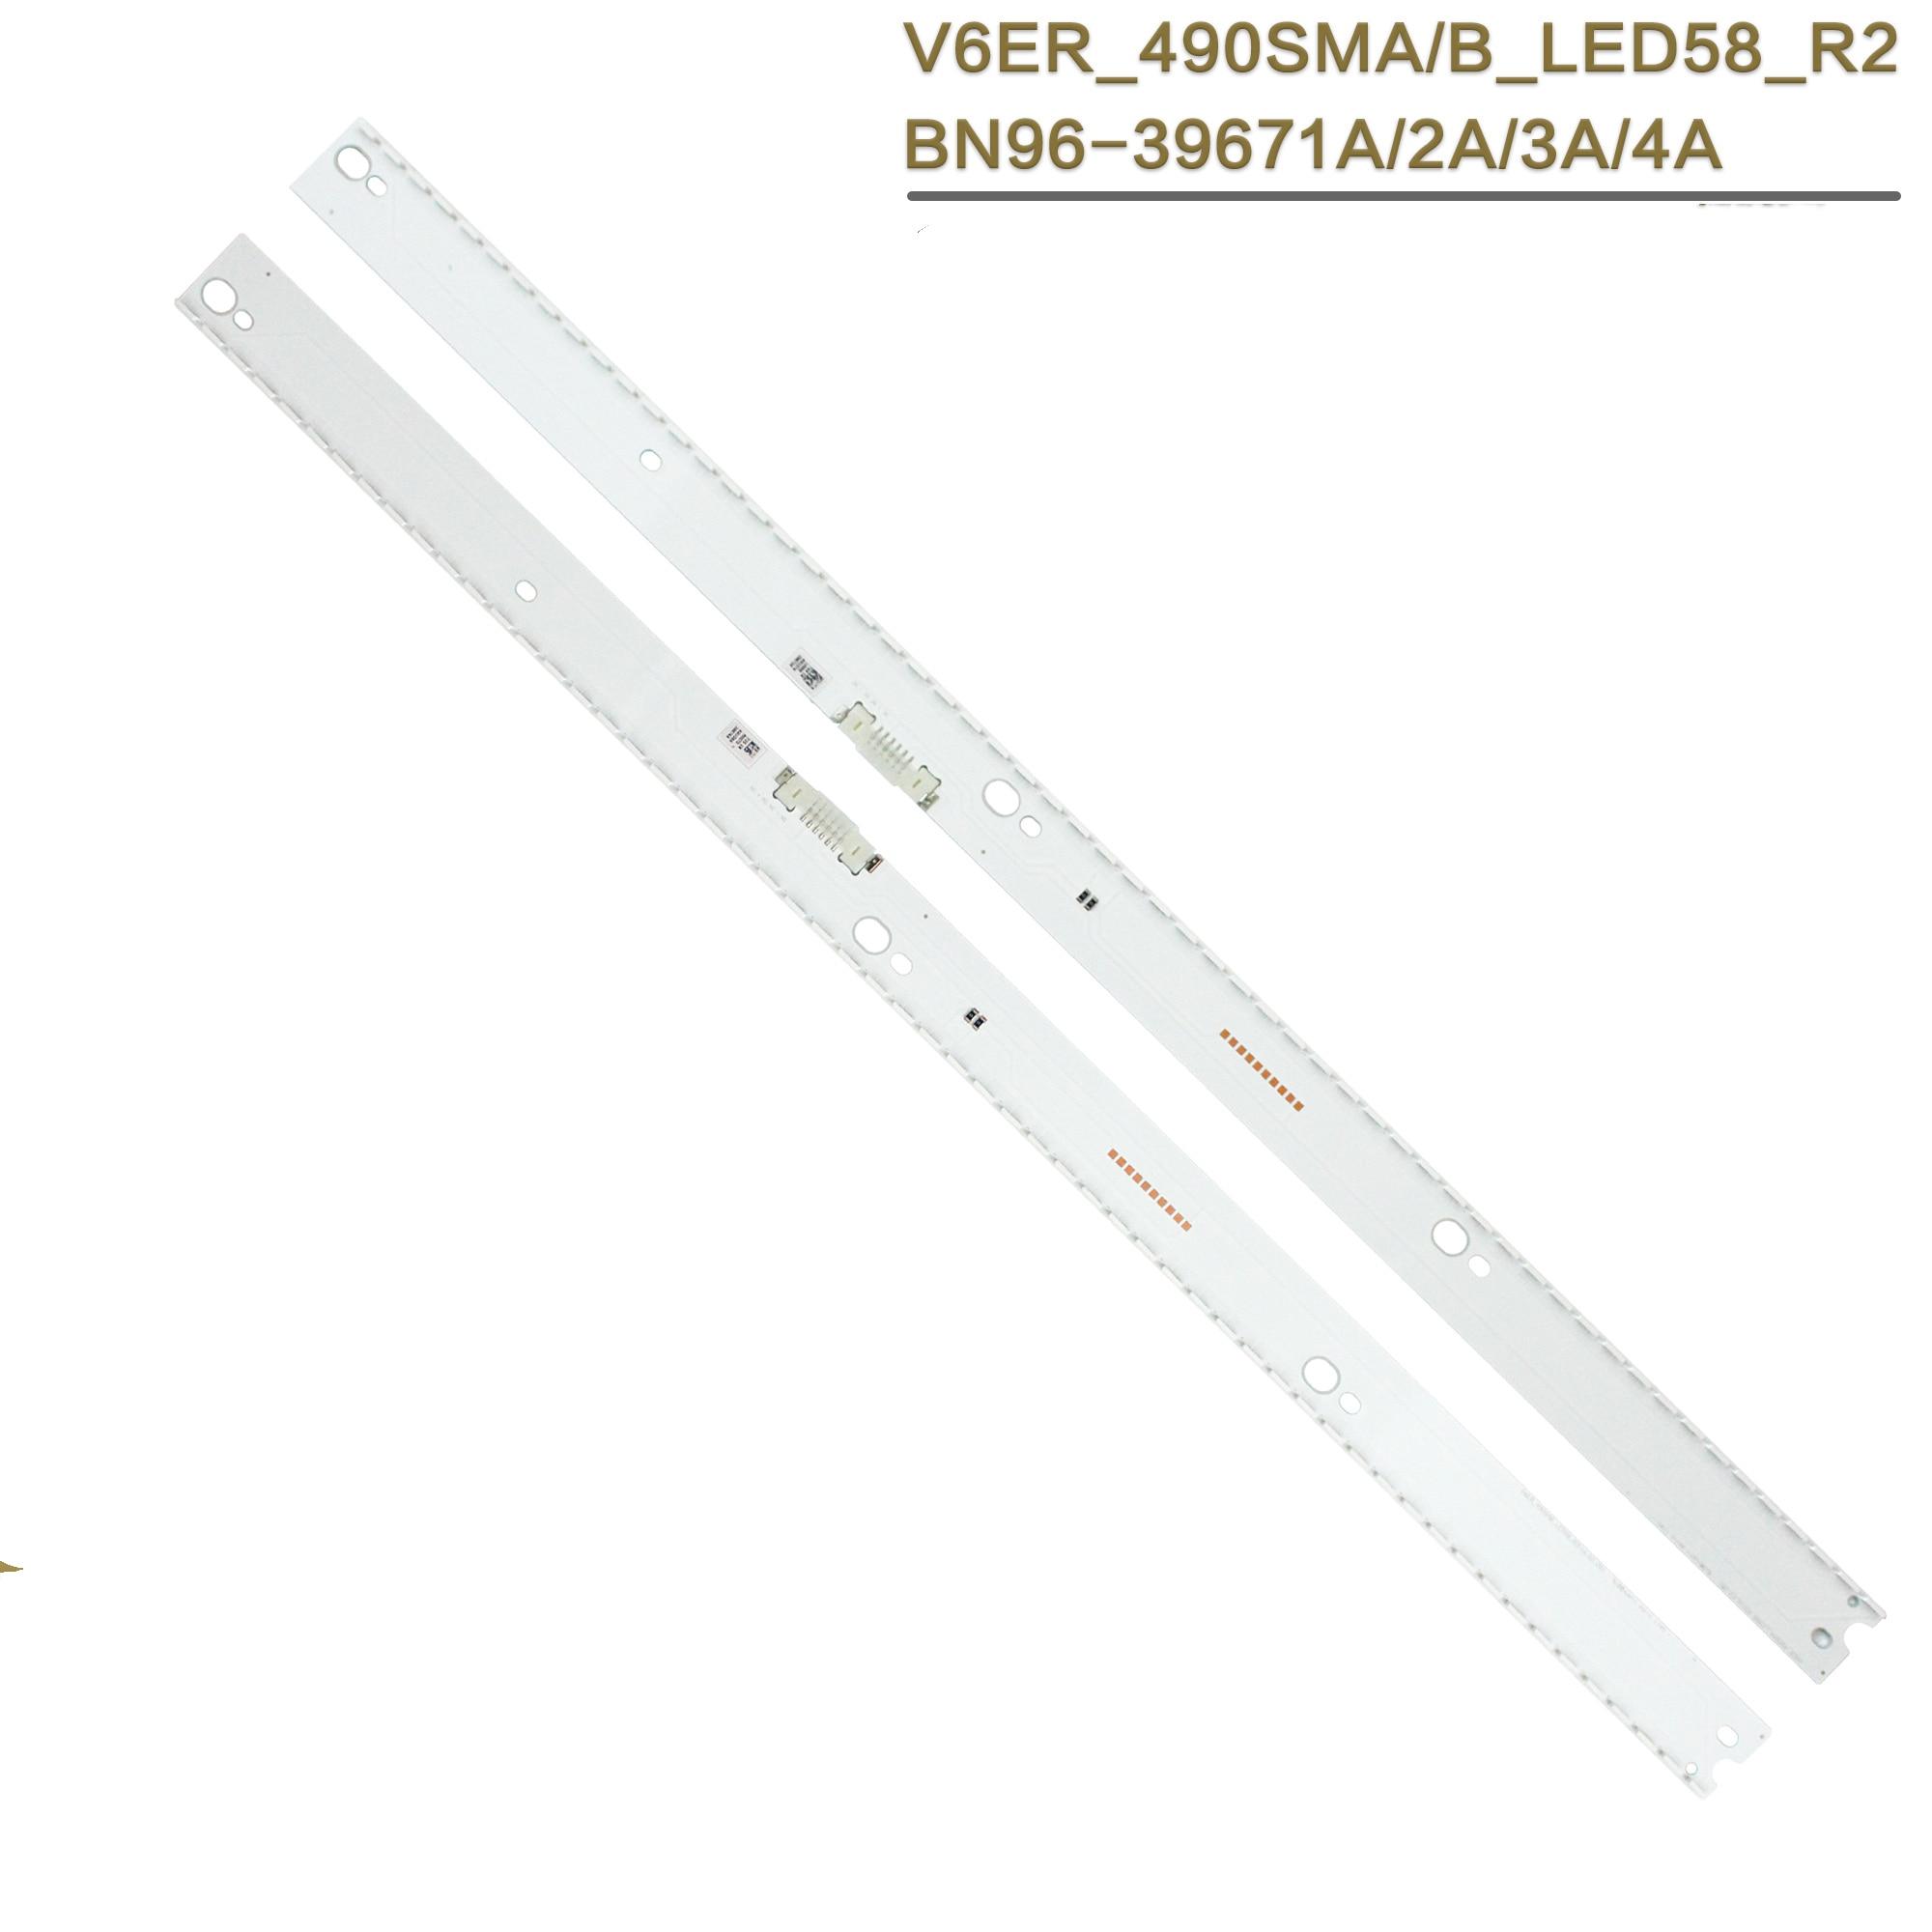 جديد 20 قطعة LED الخلفية قطاع لسامسونج UE49KU6670U UE49KU6500 UE49MU6500 BN96-39674A 39673A 39671A 39672A BN96-39880A 39882A